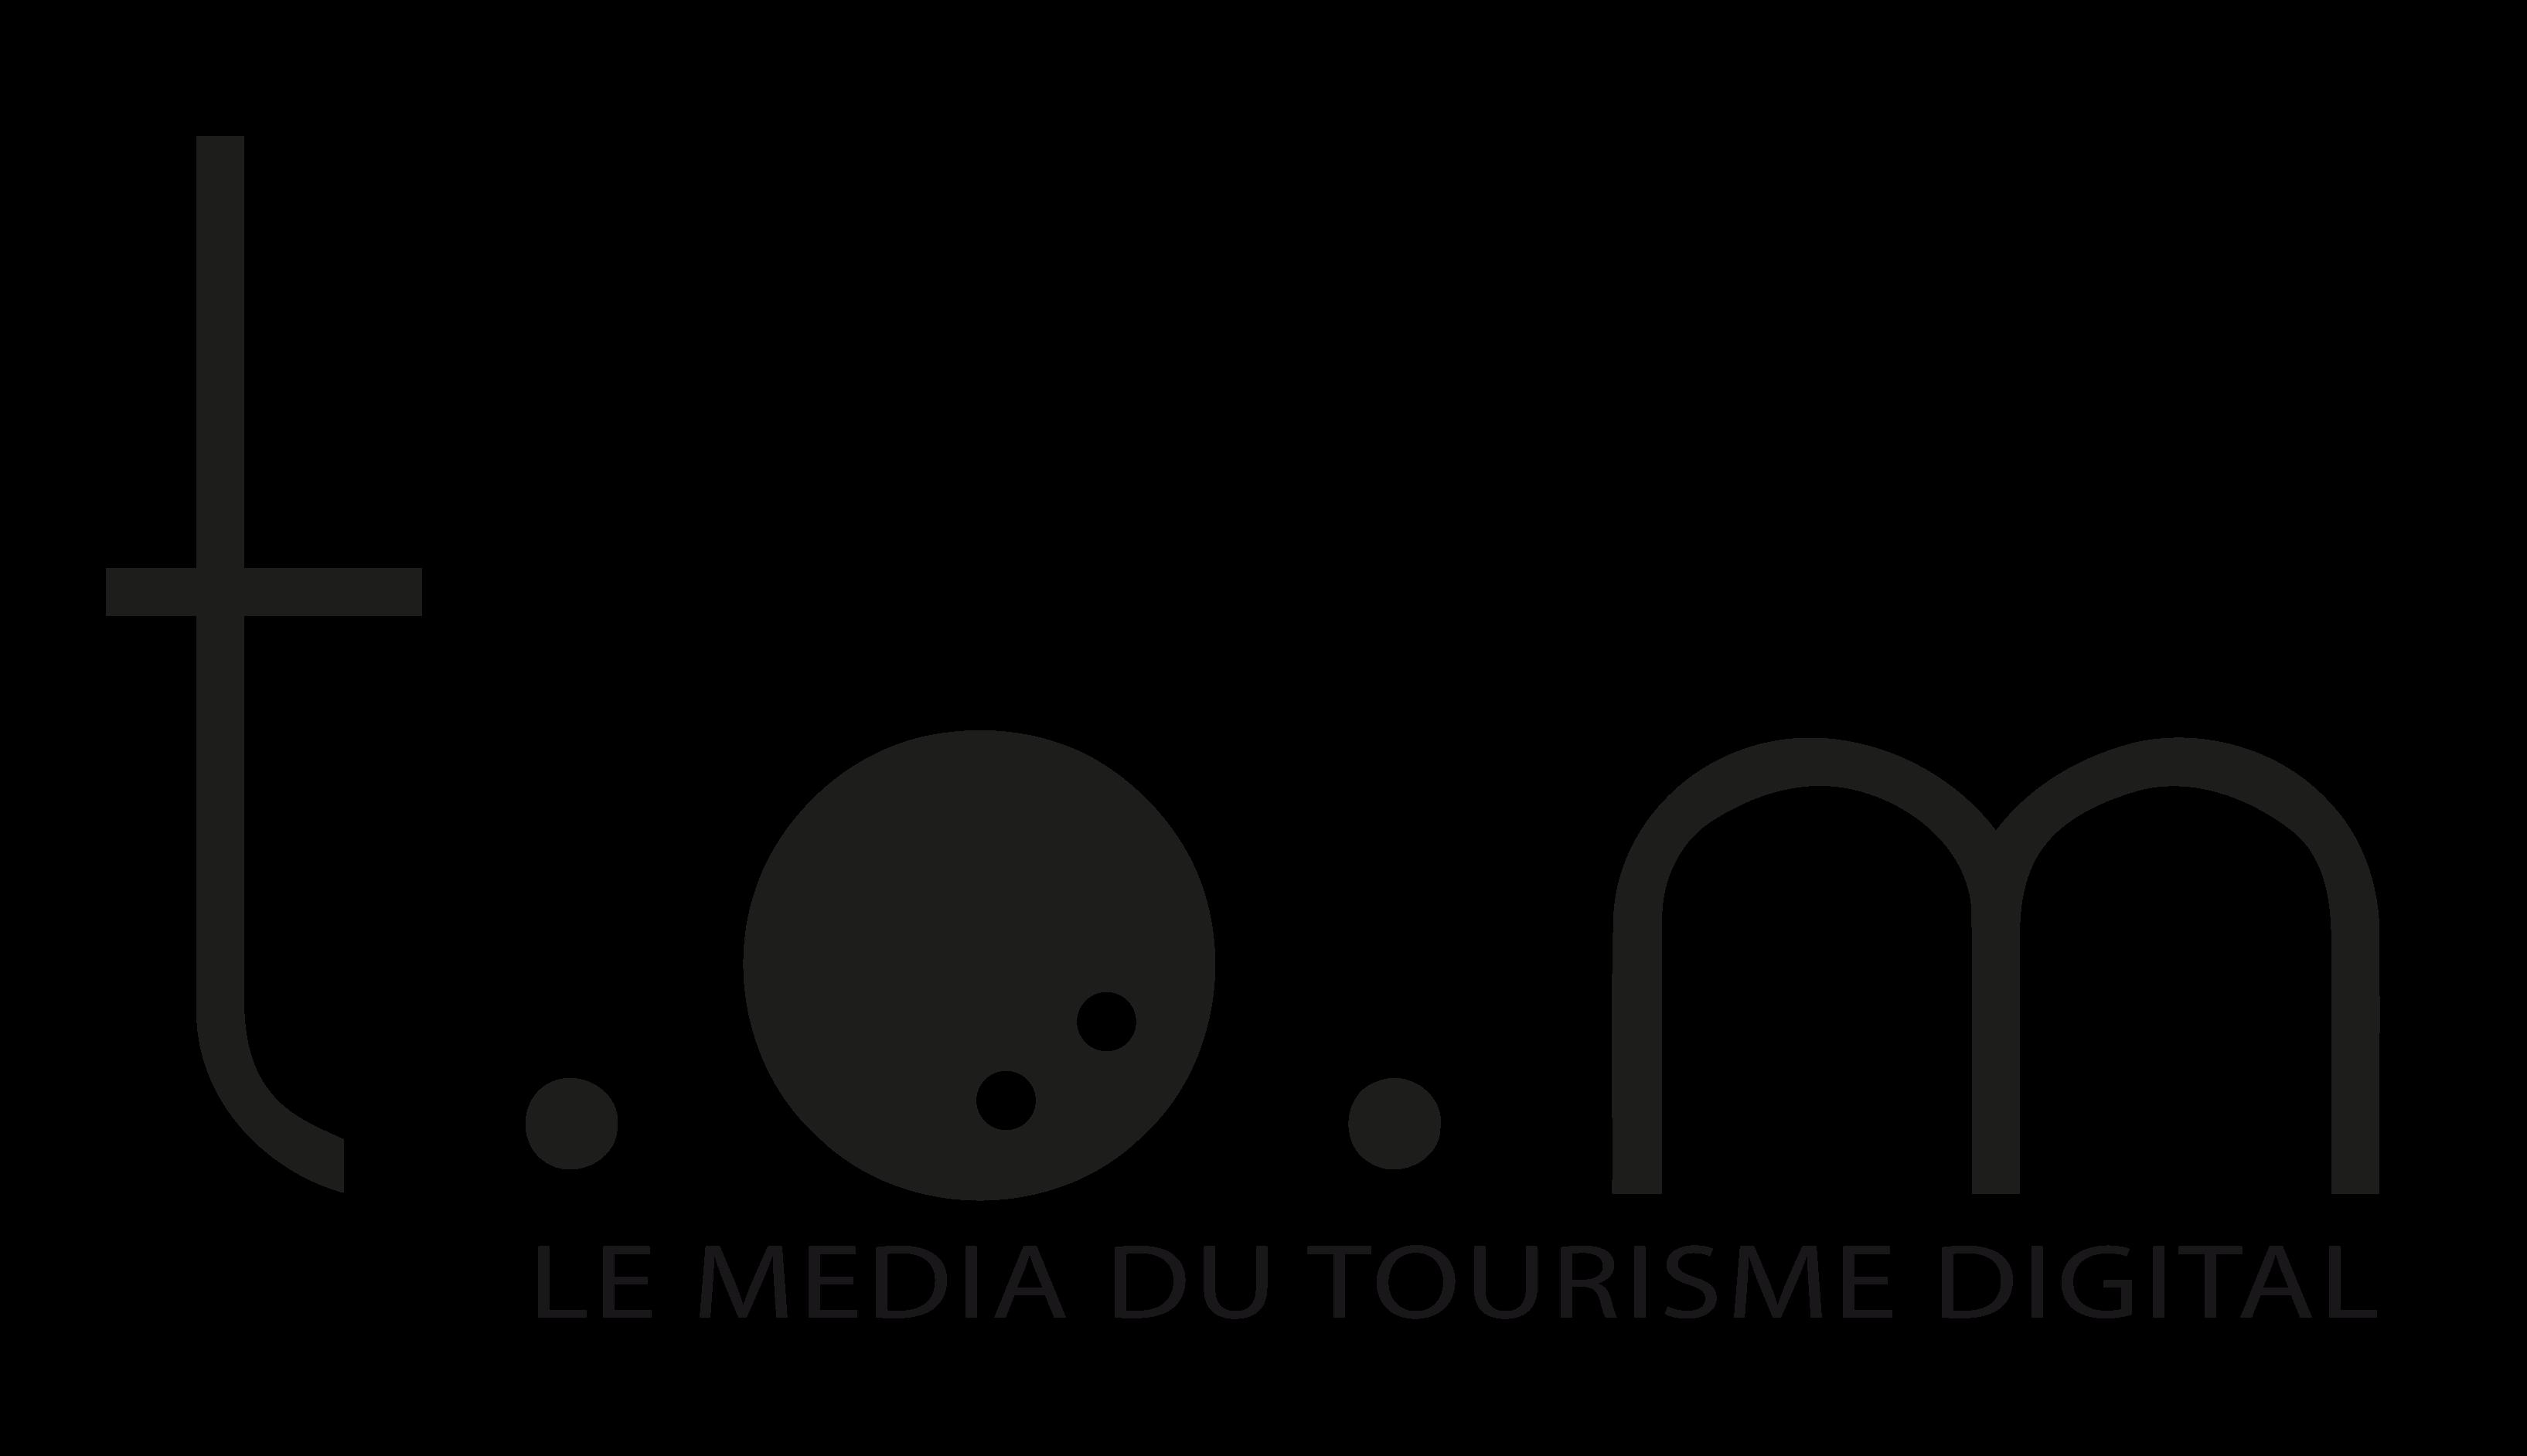 logo-tom-noir-media